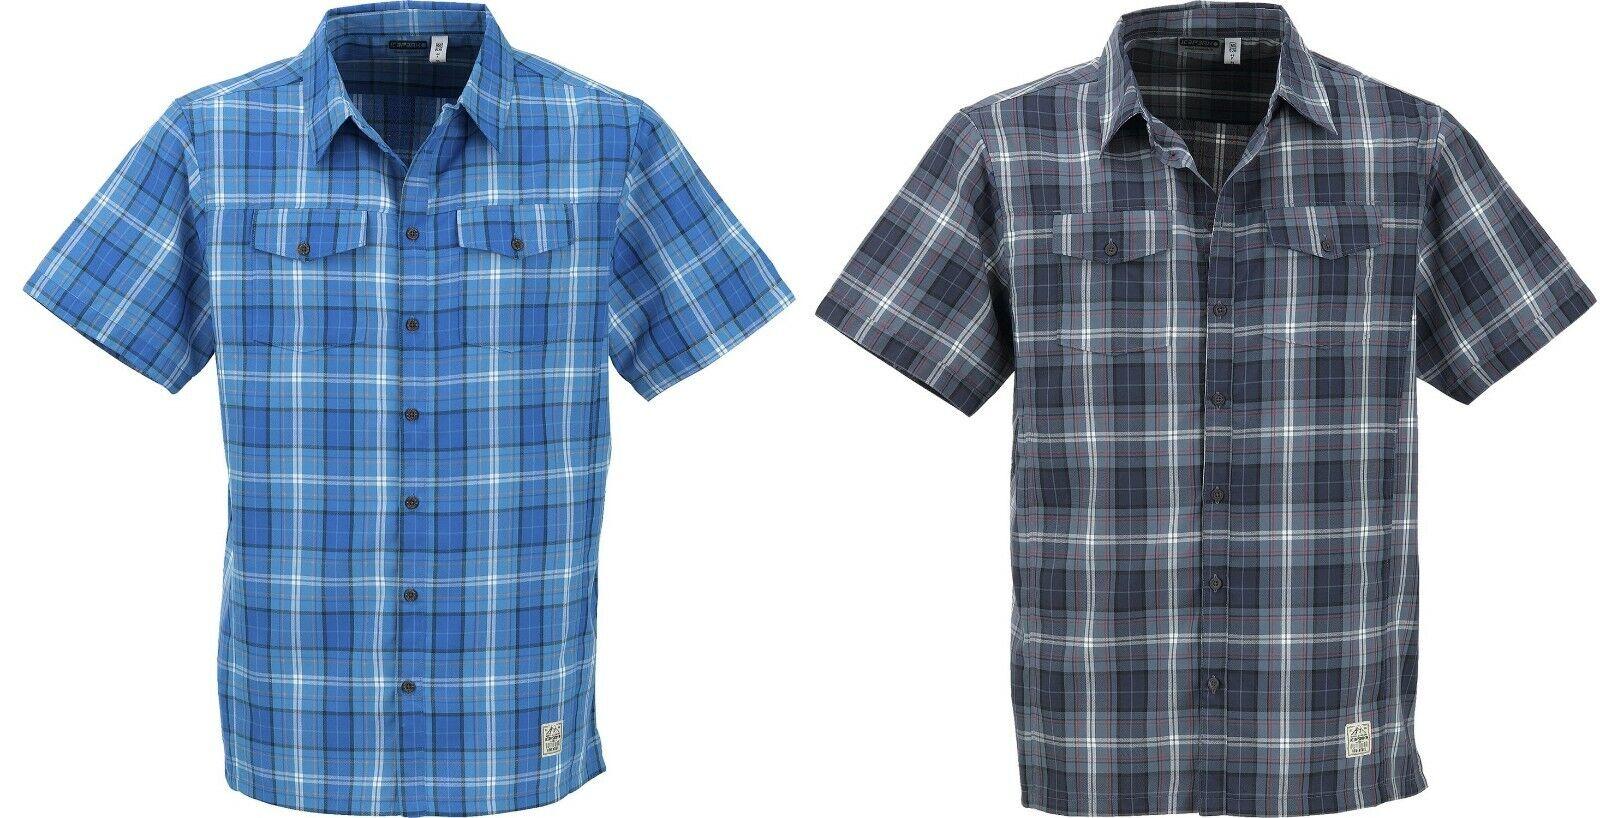 Icepeak Saul señores manga corta Camisa de projoección  ultrapúrpuraa 30+ a 58 antibacteriano PVP a partir de 49,95  minoristas en línea